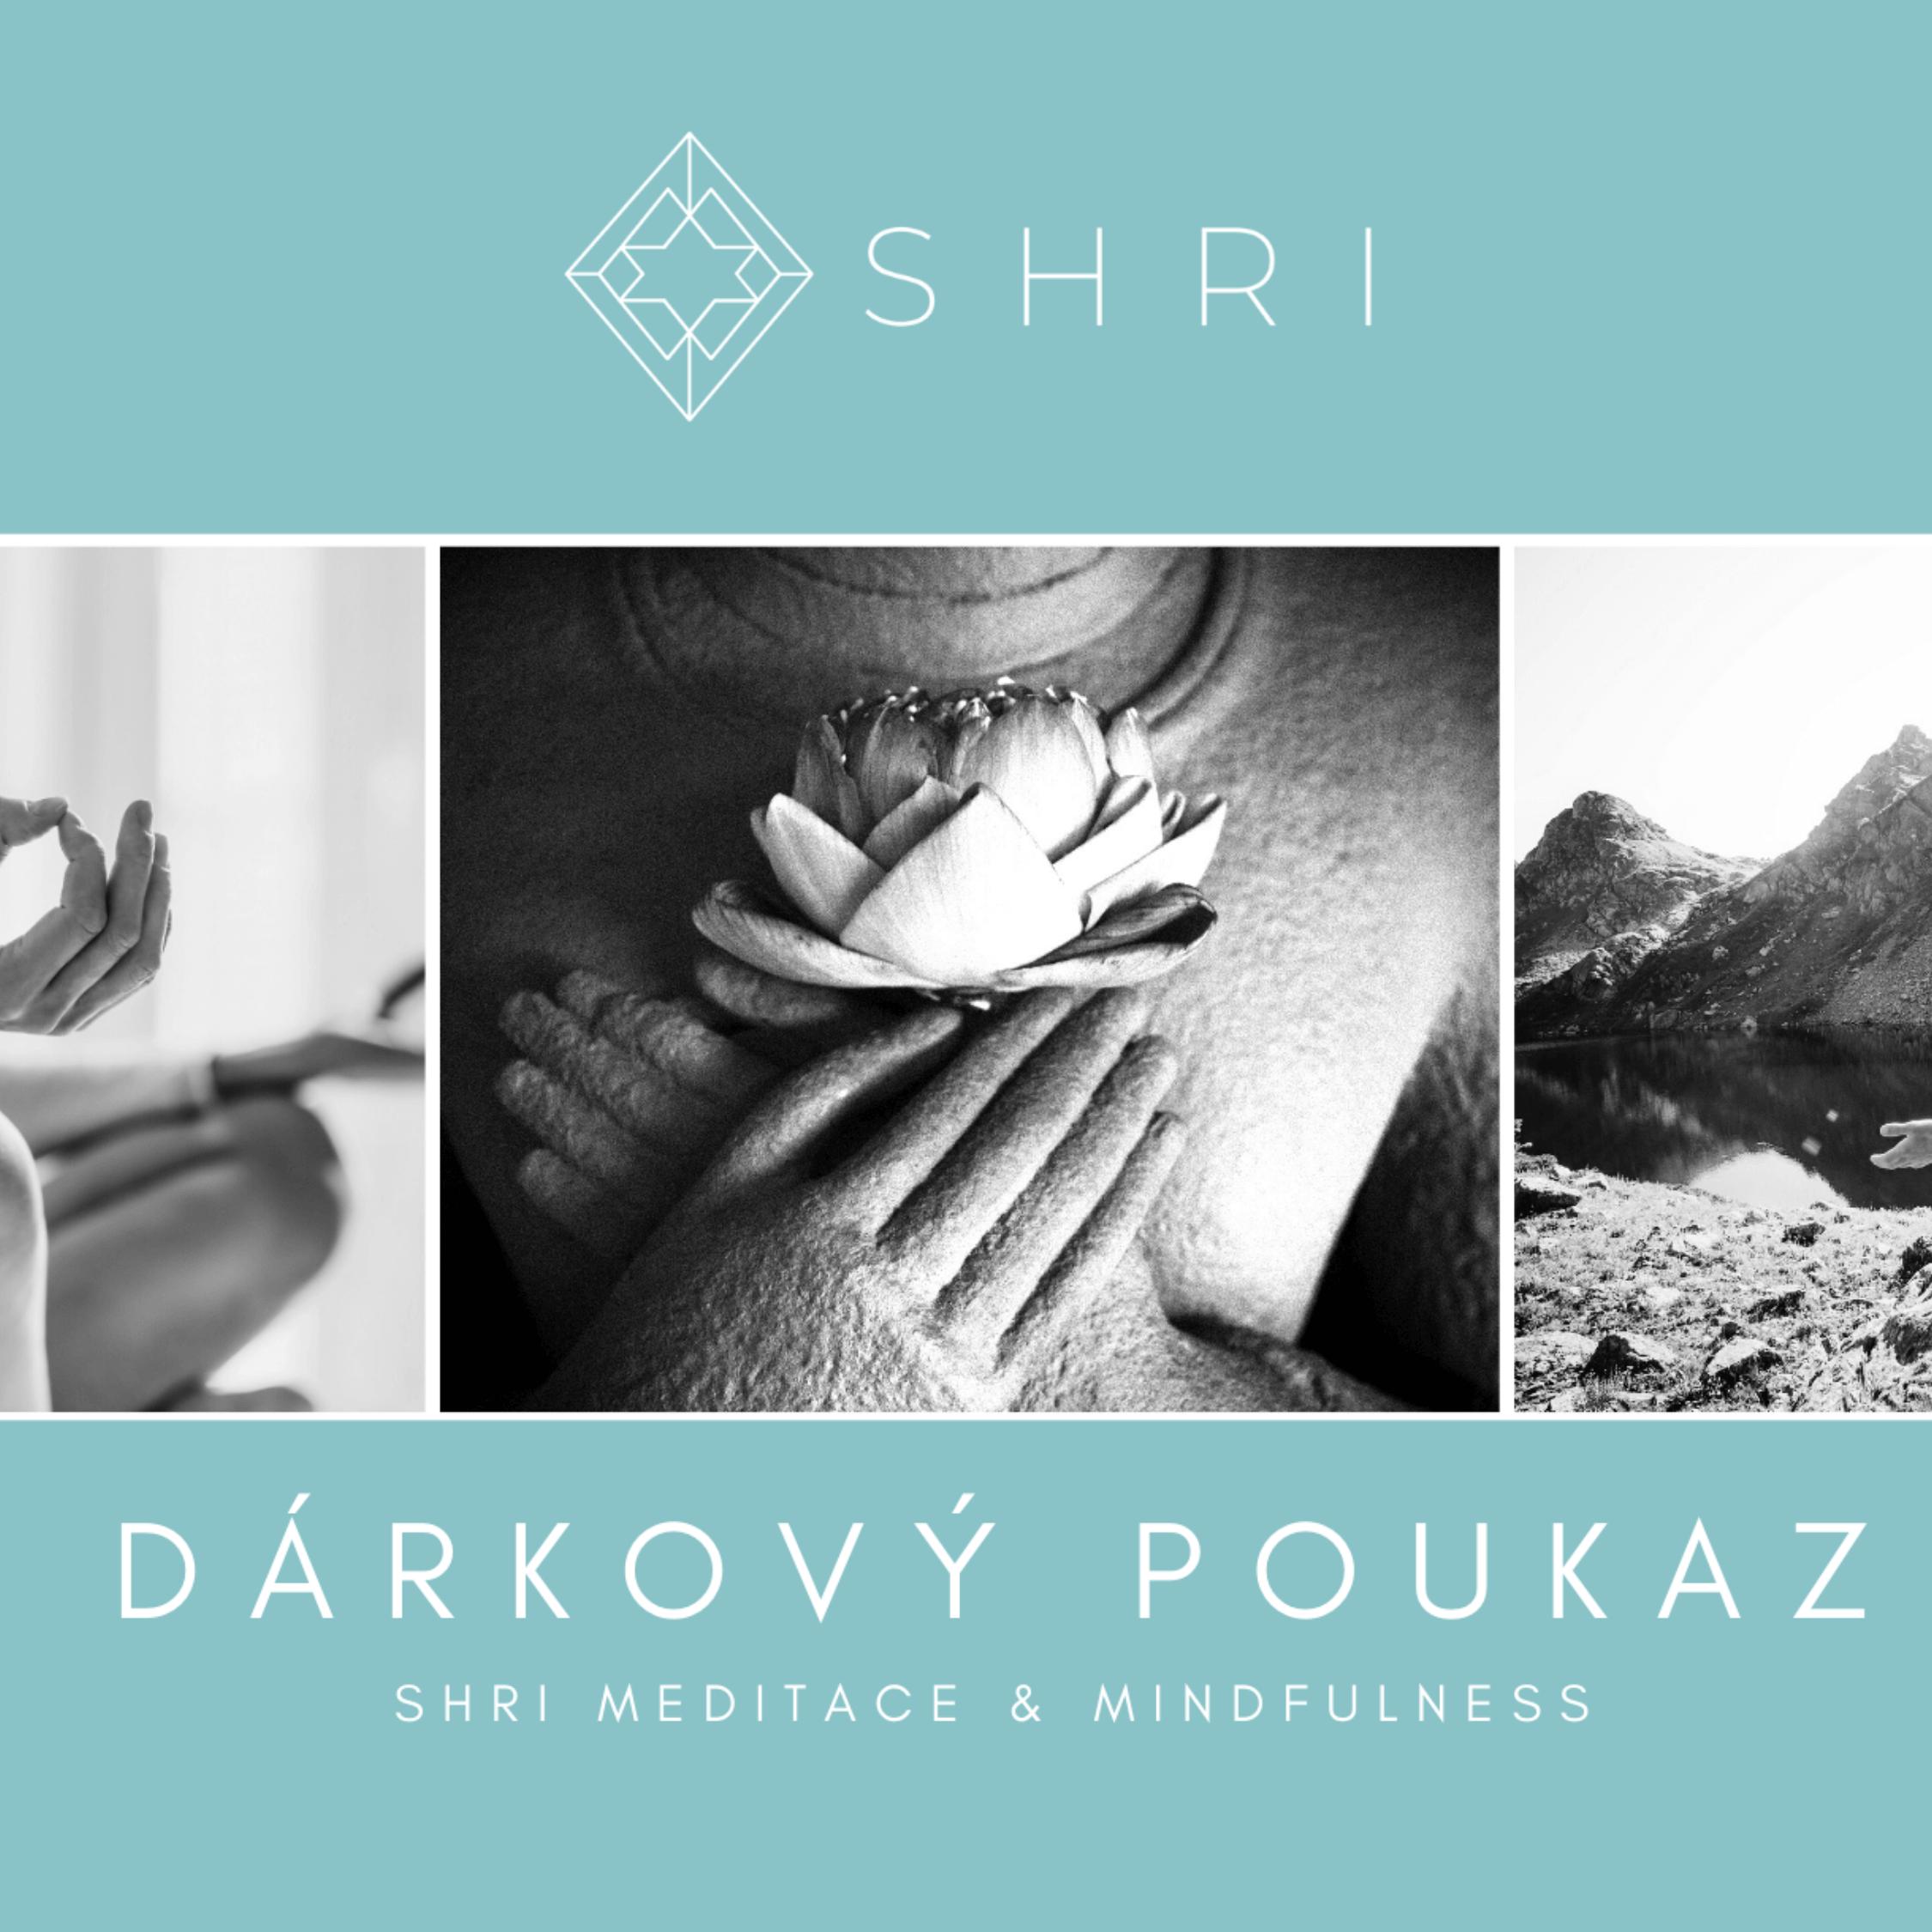 SHRI Meditace & Mindfulness - Dárkový poukaz